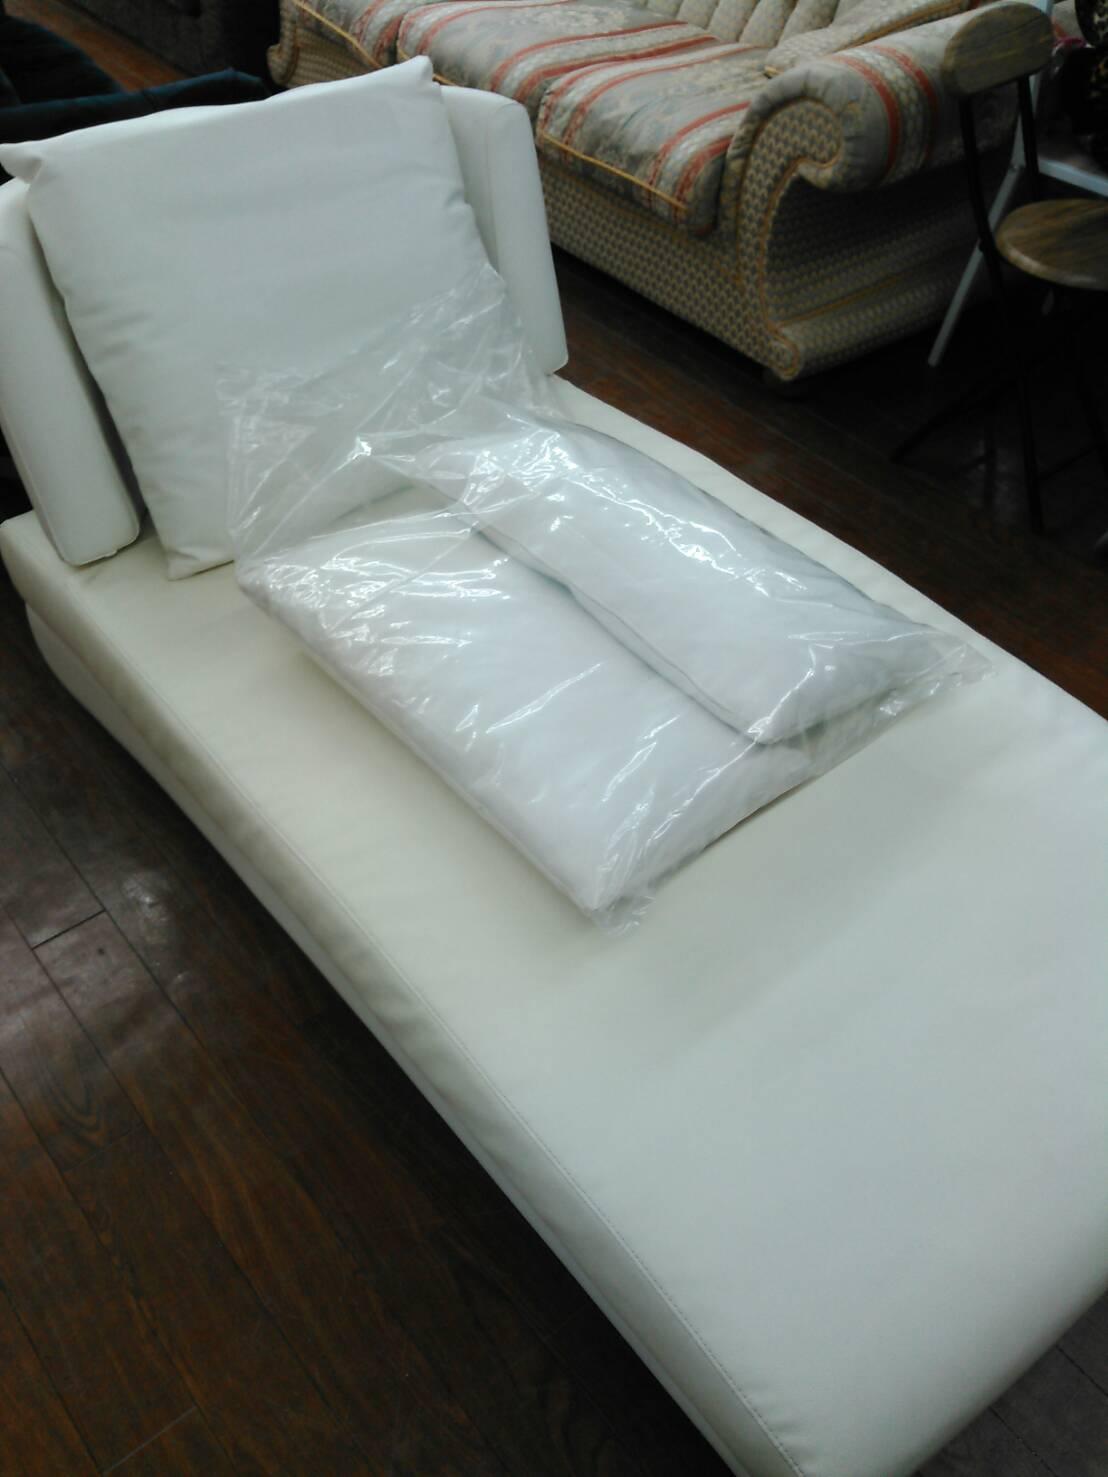 【ソファーベッド 1Pソファー ベッド スタイルプロポーザー ホワイト】買い取り致しました!の買取-